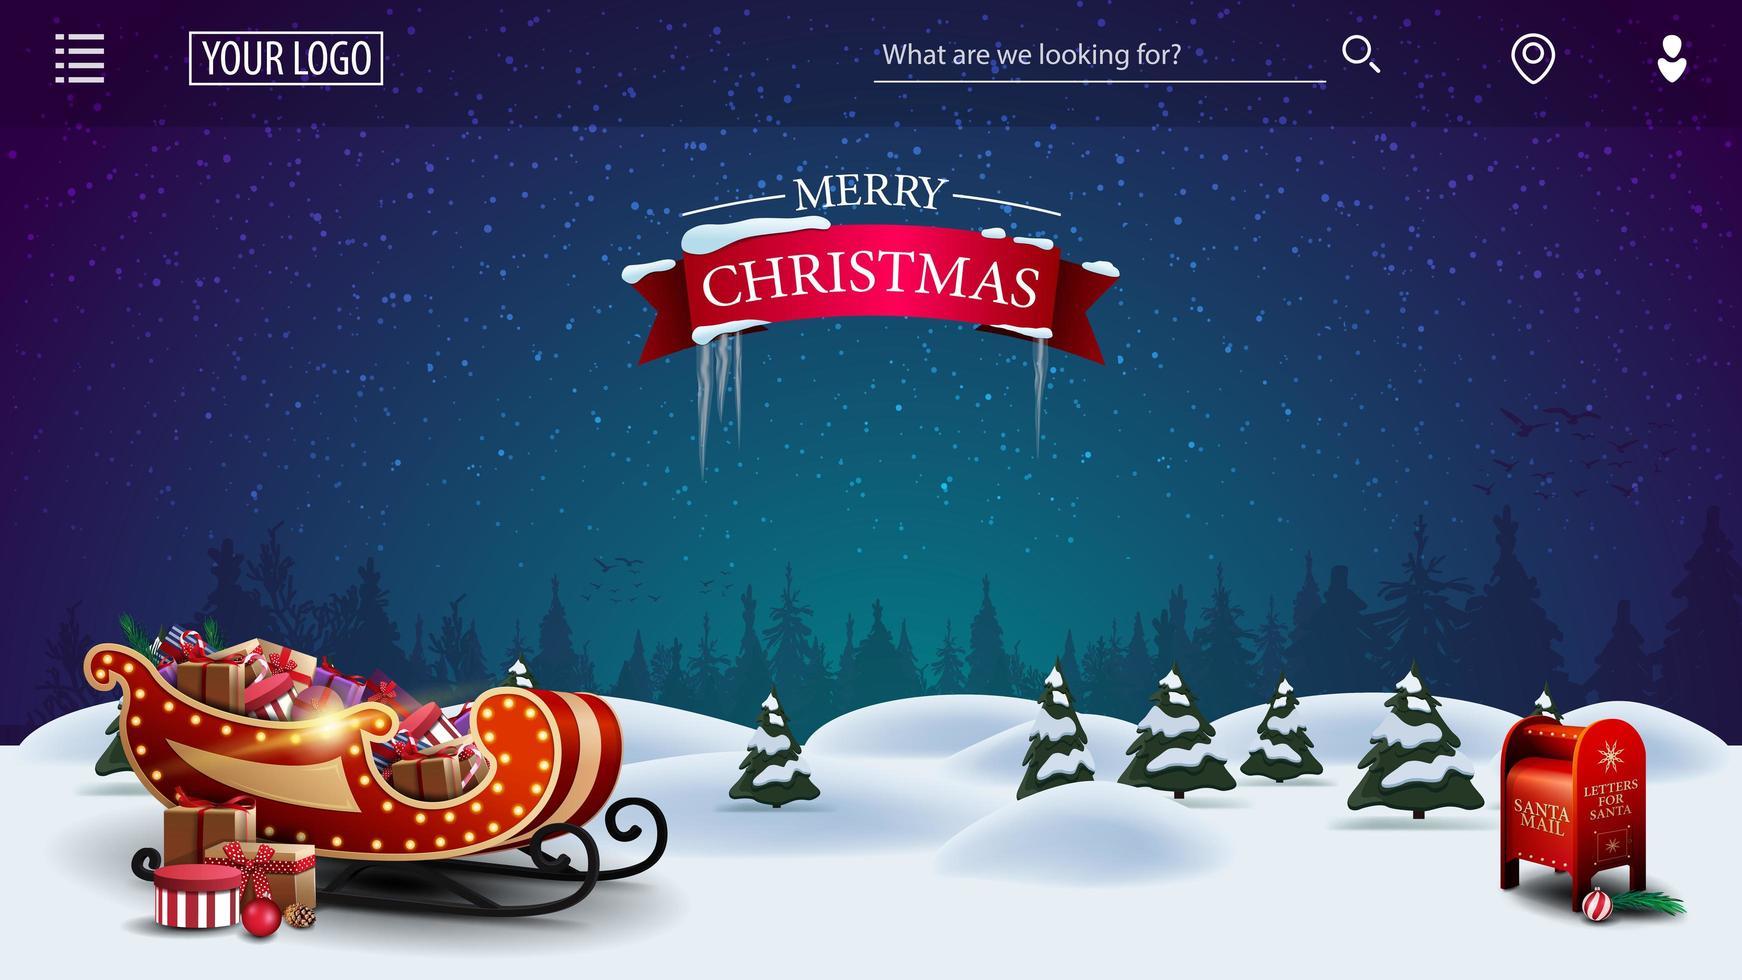 Feliz Natal, modelo para suas artes com desenho animado noite paisagem de inverno com caixa de correio de Papai Noel e trenó de Papai Noel vetor